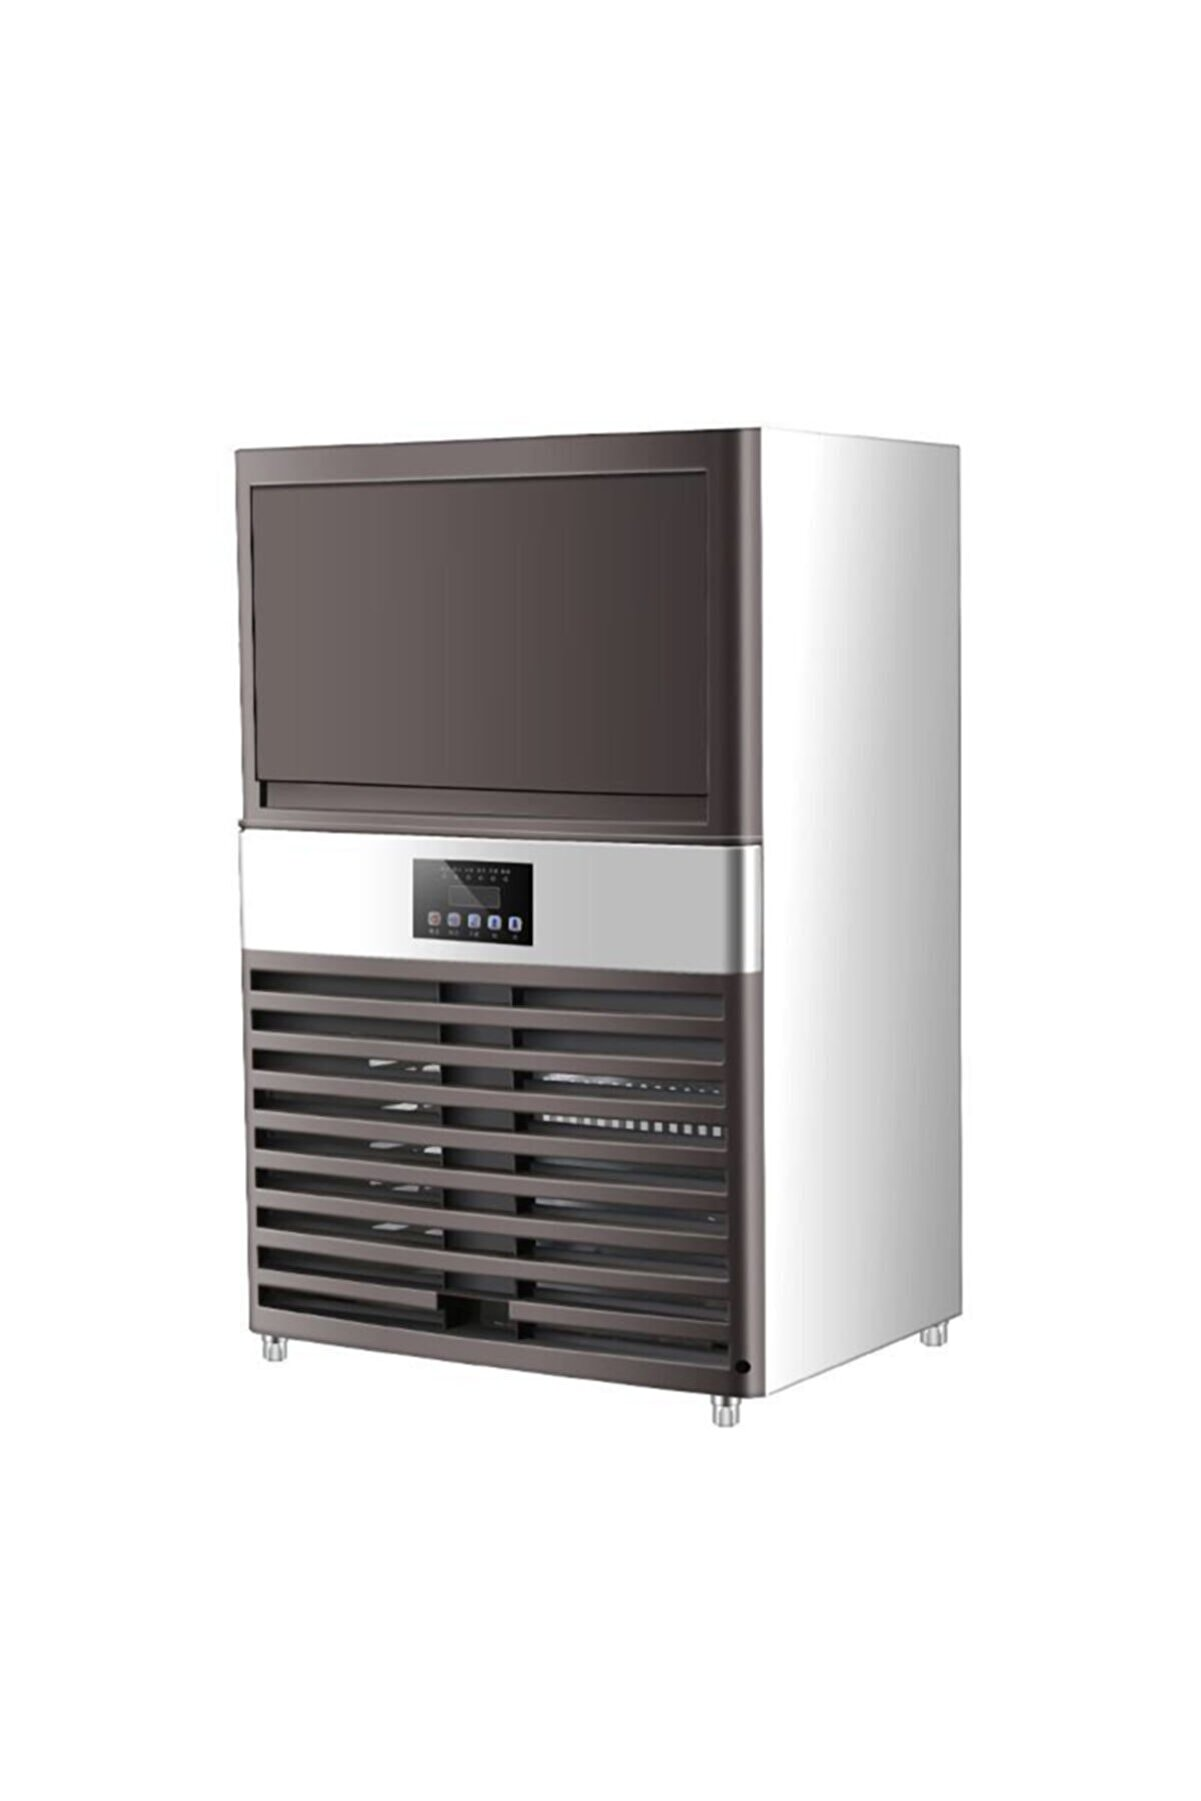 vosco 40 Kg/gün Nova Serisi Buz Yapma Makinesi